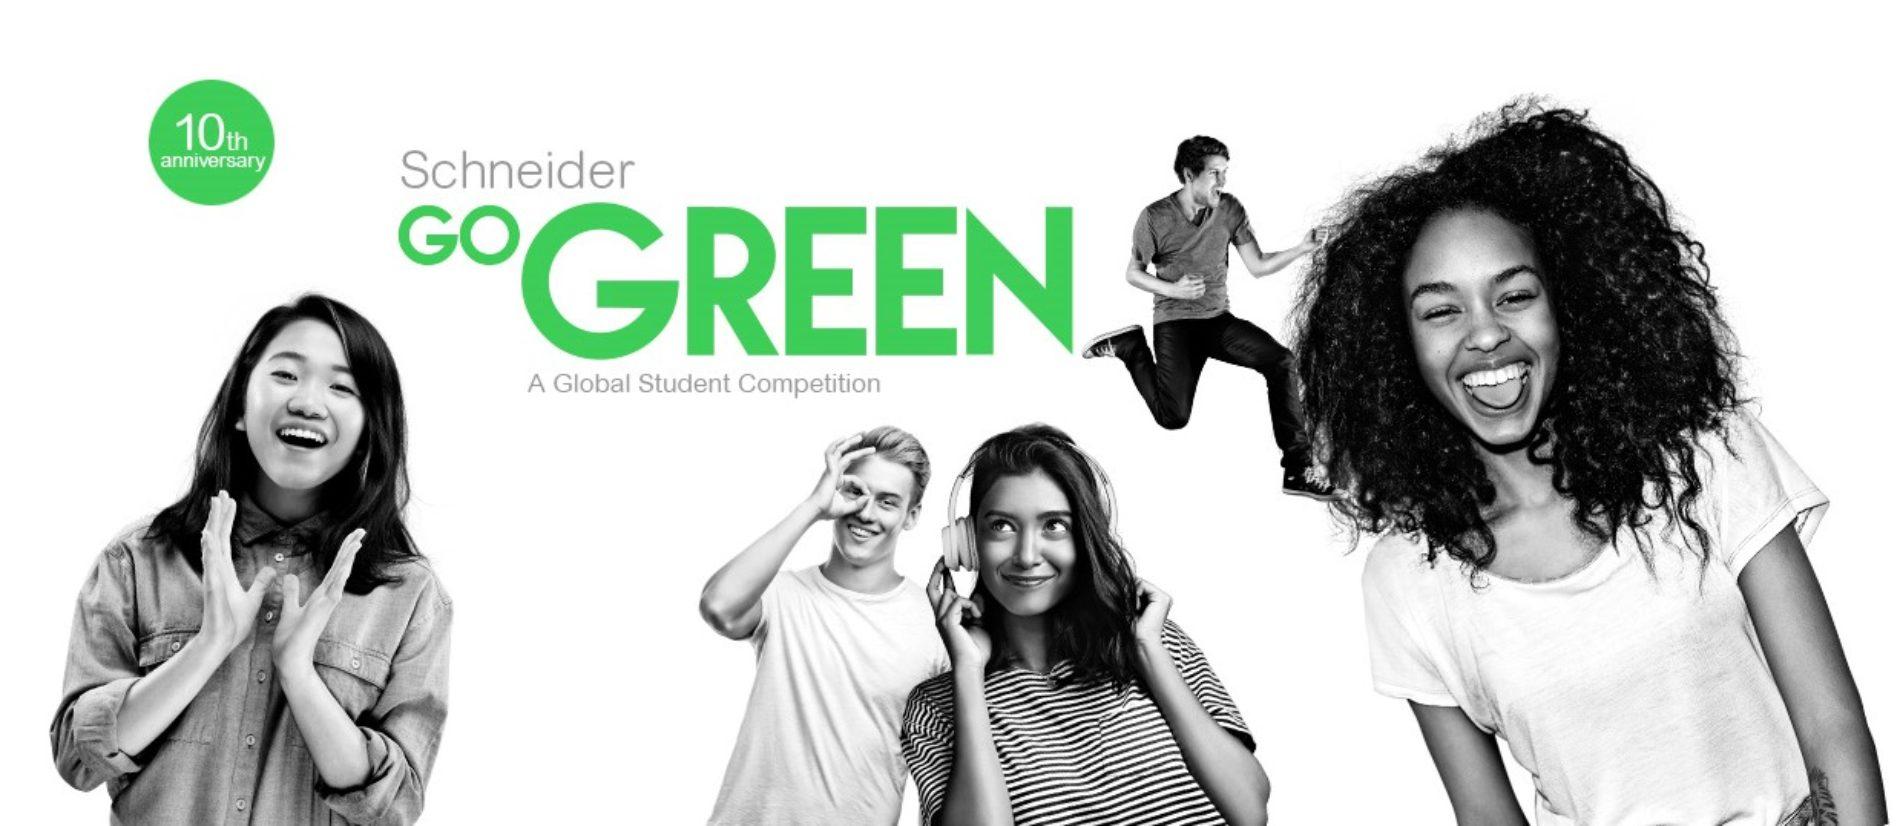 Convocatoria para estudiantes colombianos a inscribirse en el Go Green 2020